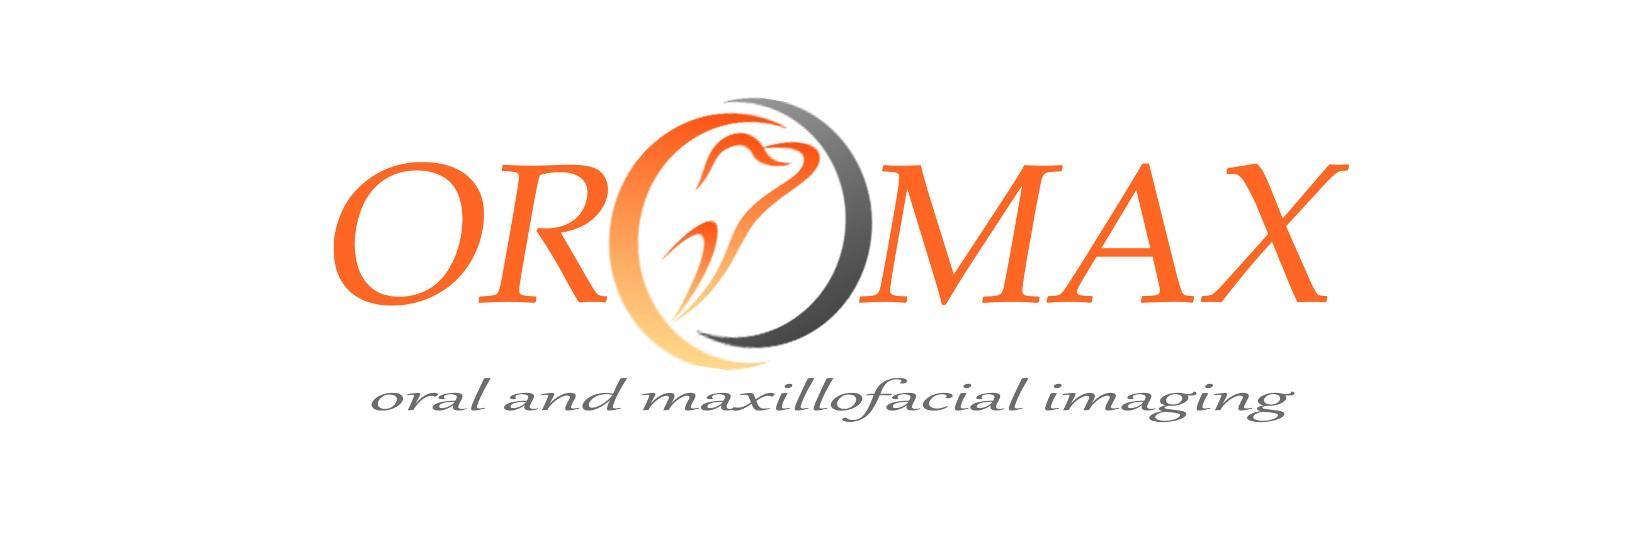 Oromax Imaging